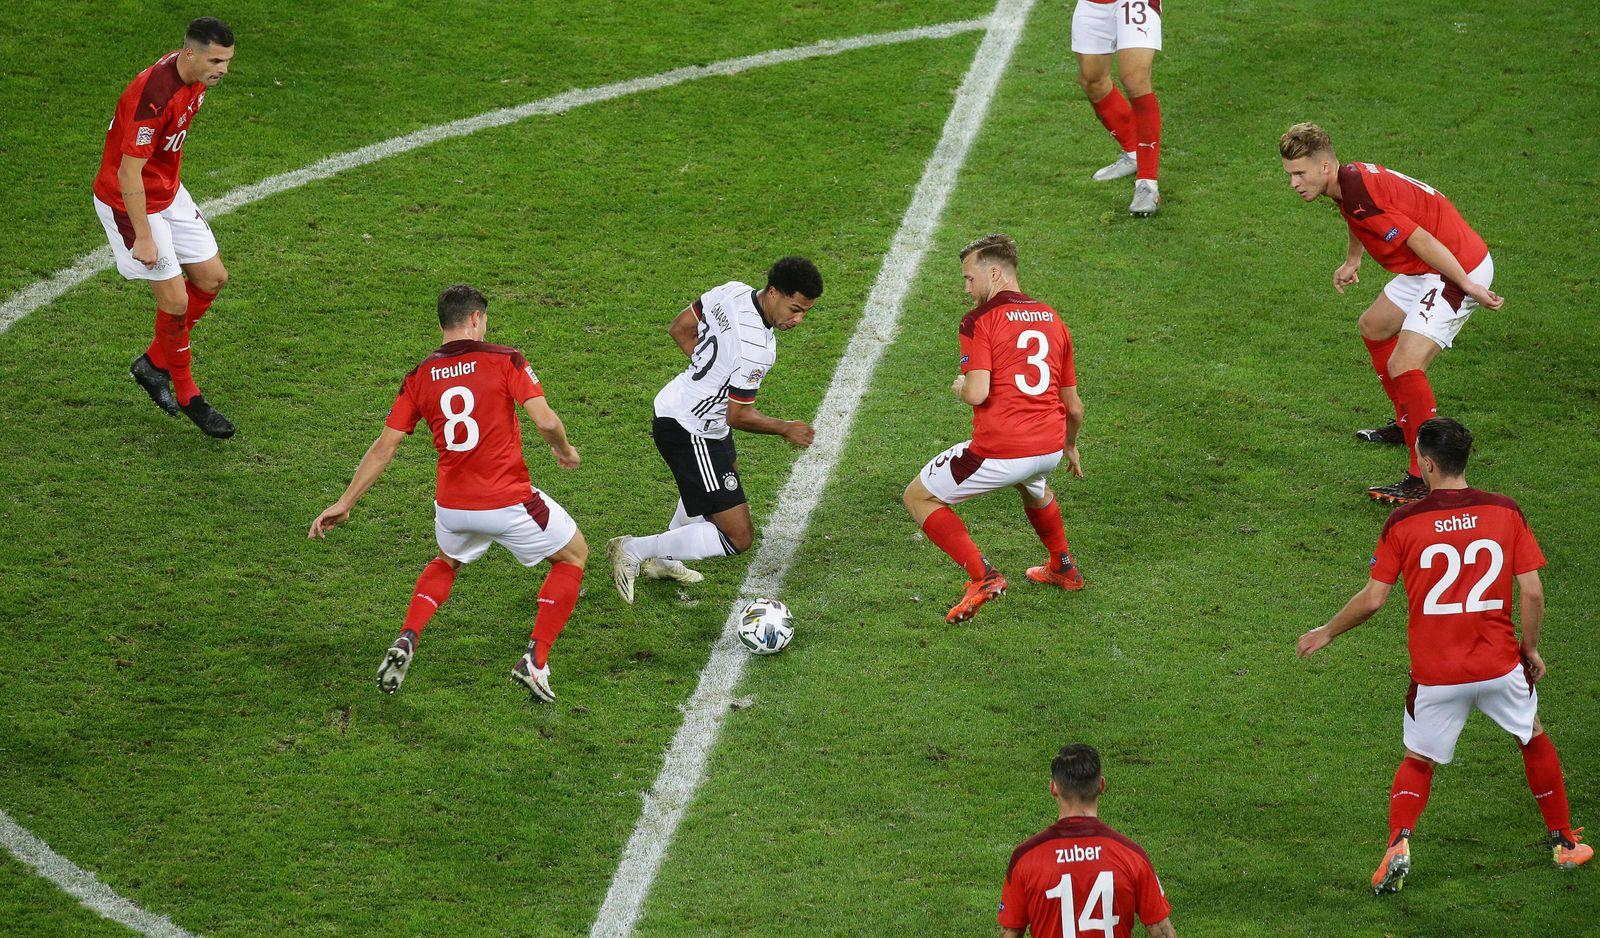 Köln , Fußball UEFA Nations League , Länderspiel Deutschland vs. Schweiz , Serge Gnabry ( GER ) inmitten von Schweizer